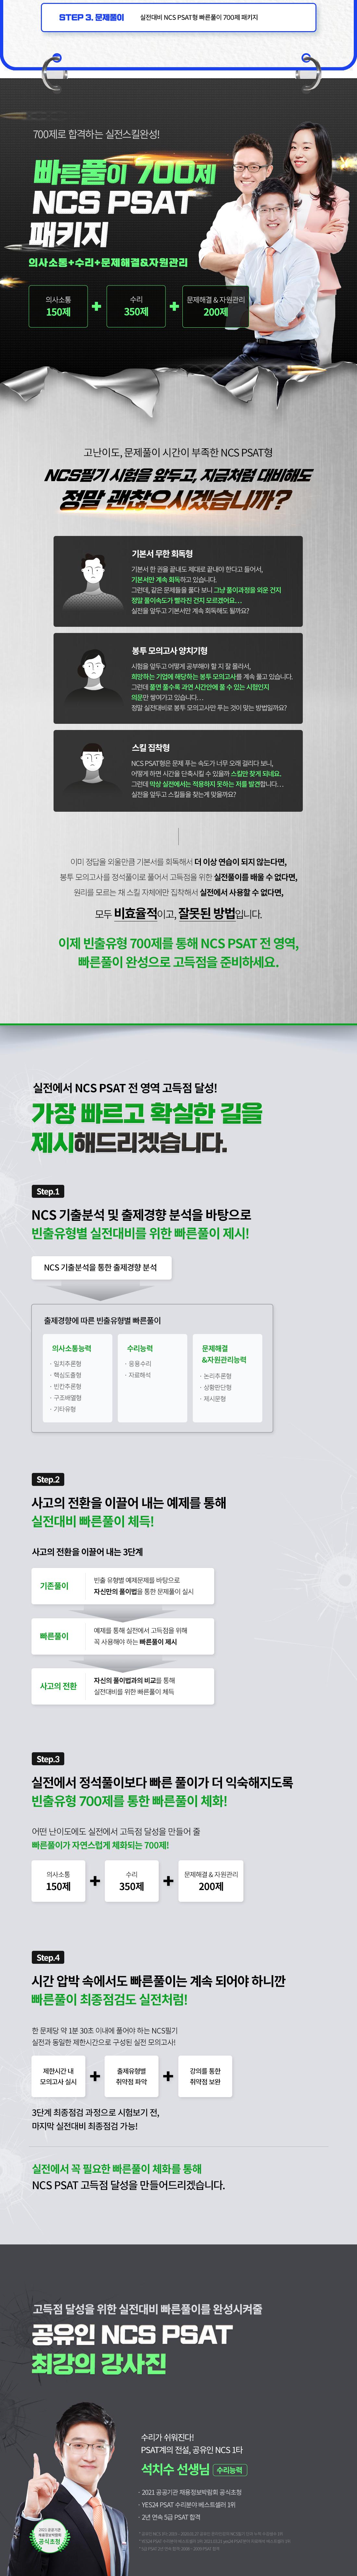 ~0916_B2C_최병민_NCS-PSAT-빠풀이-700제-패키지-포스터_05.png